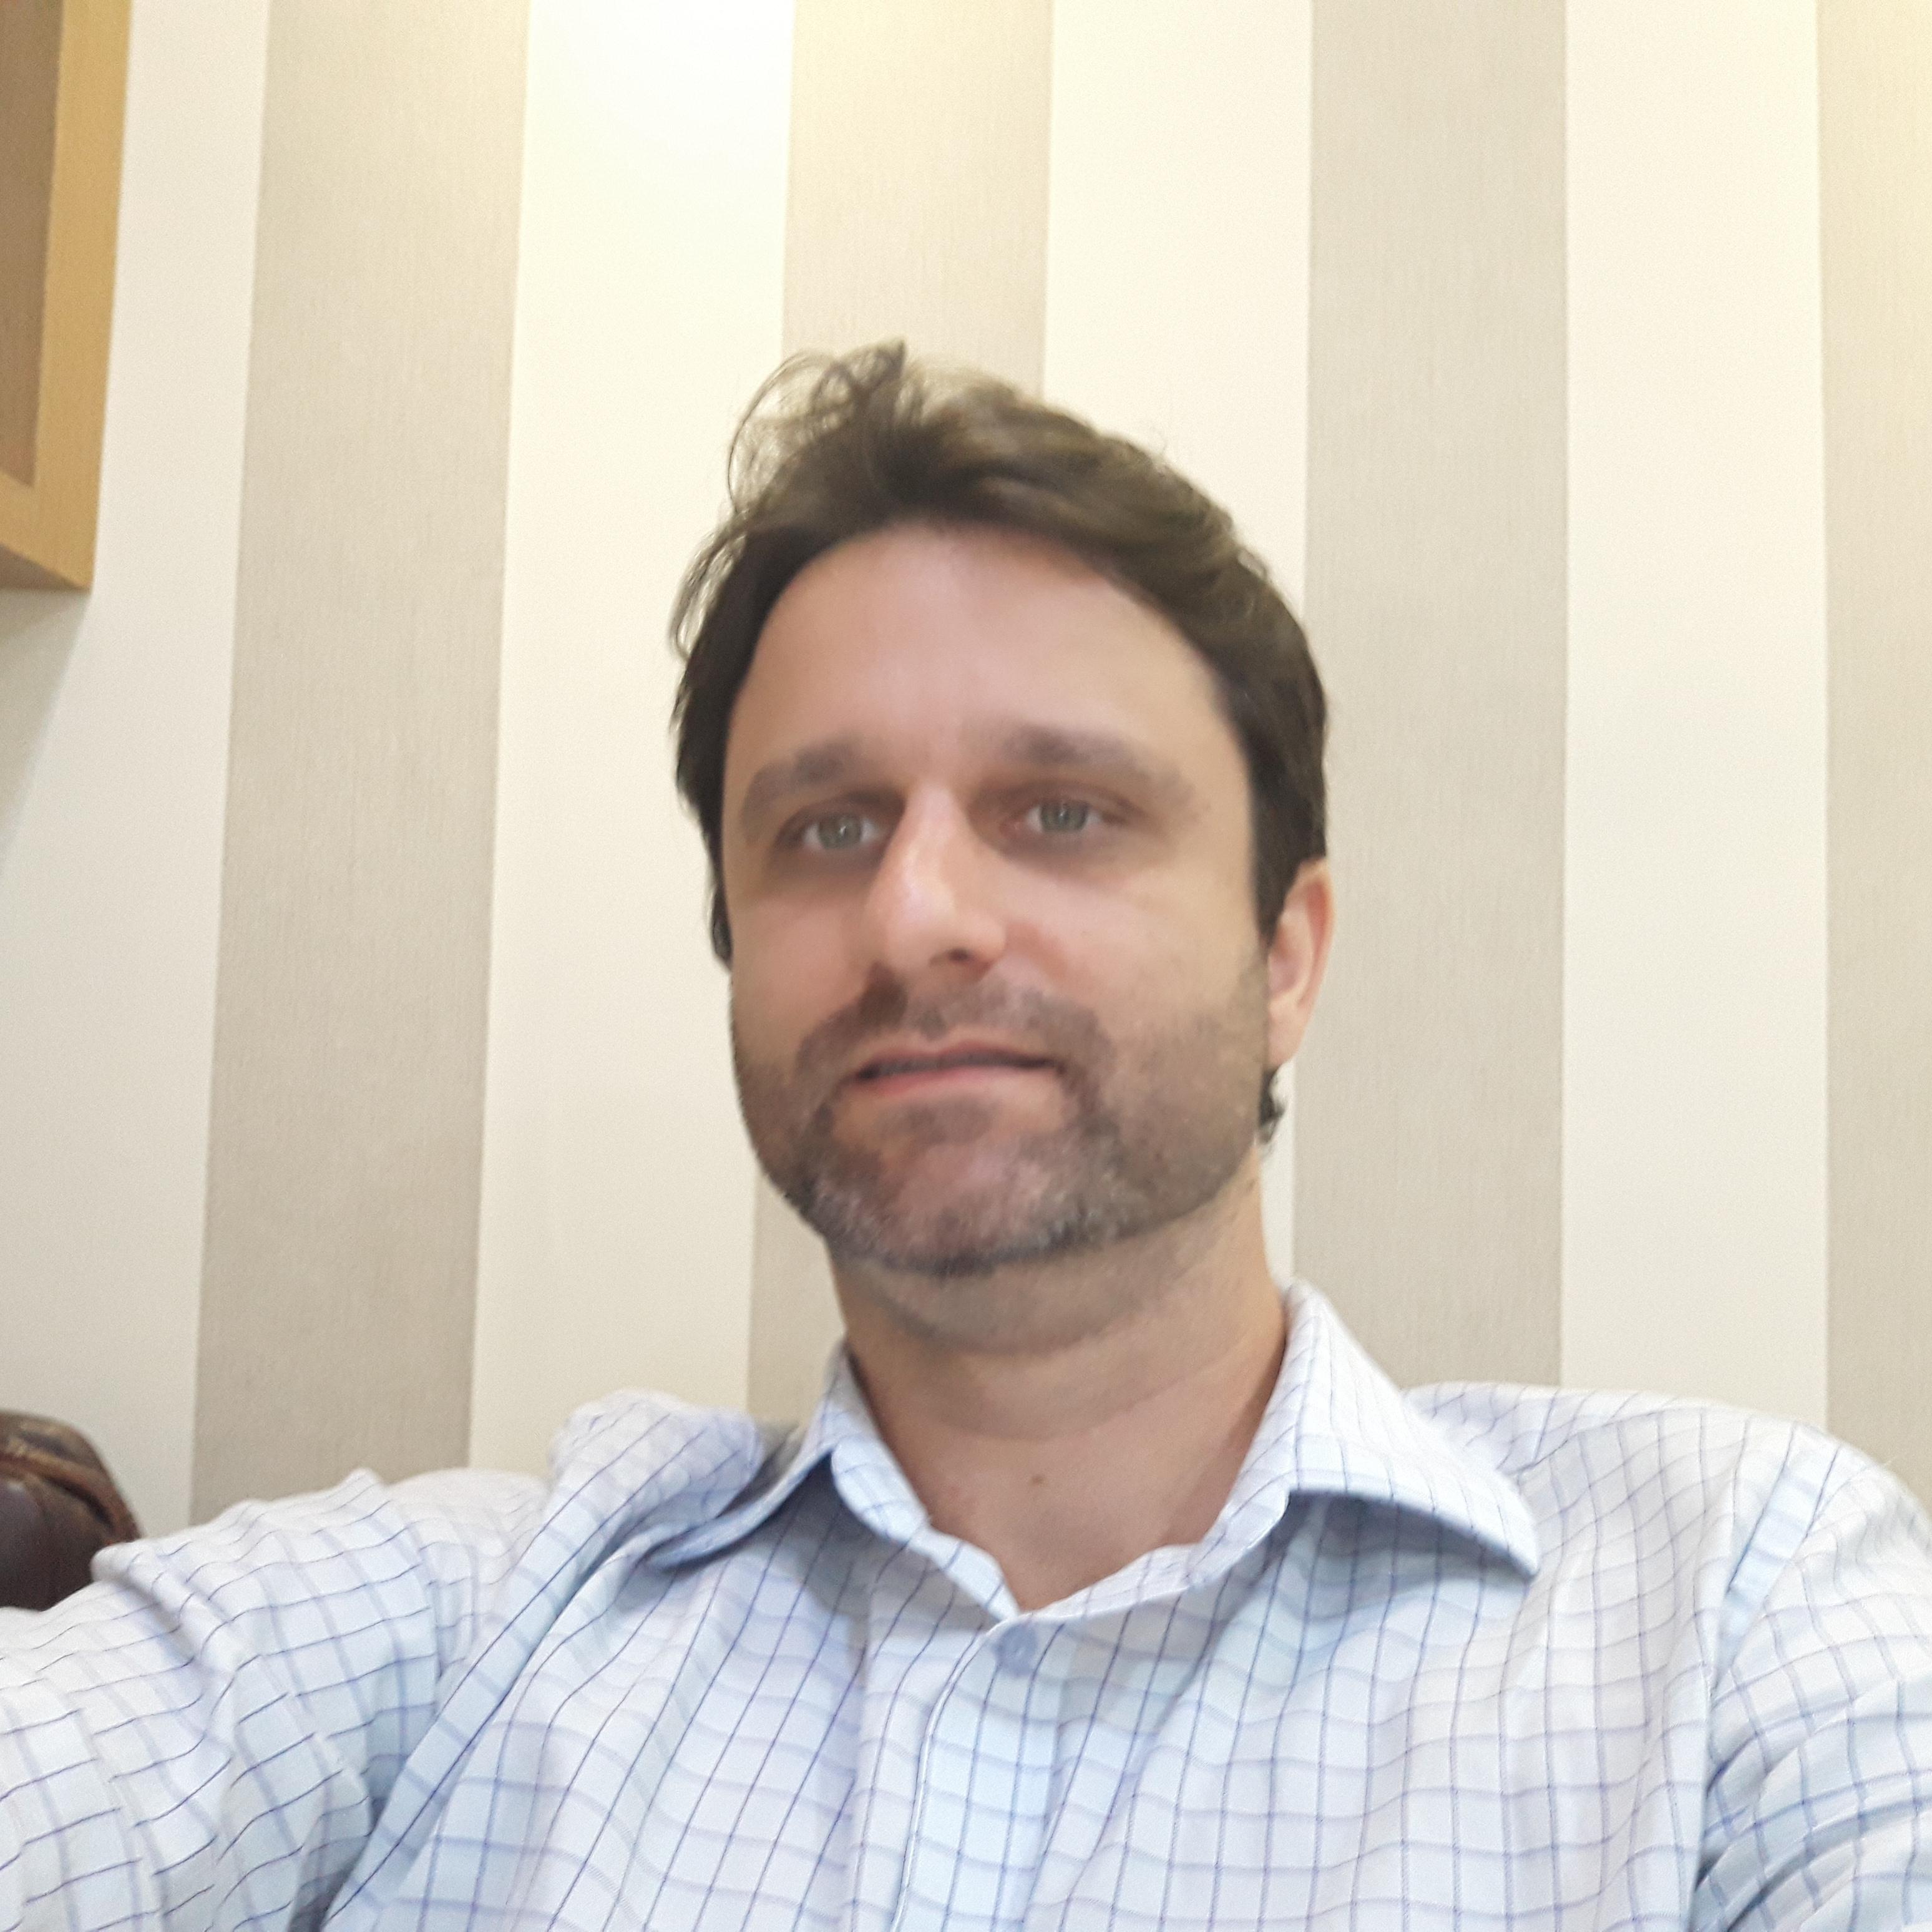 Eduardo Machado de Carvalho